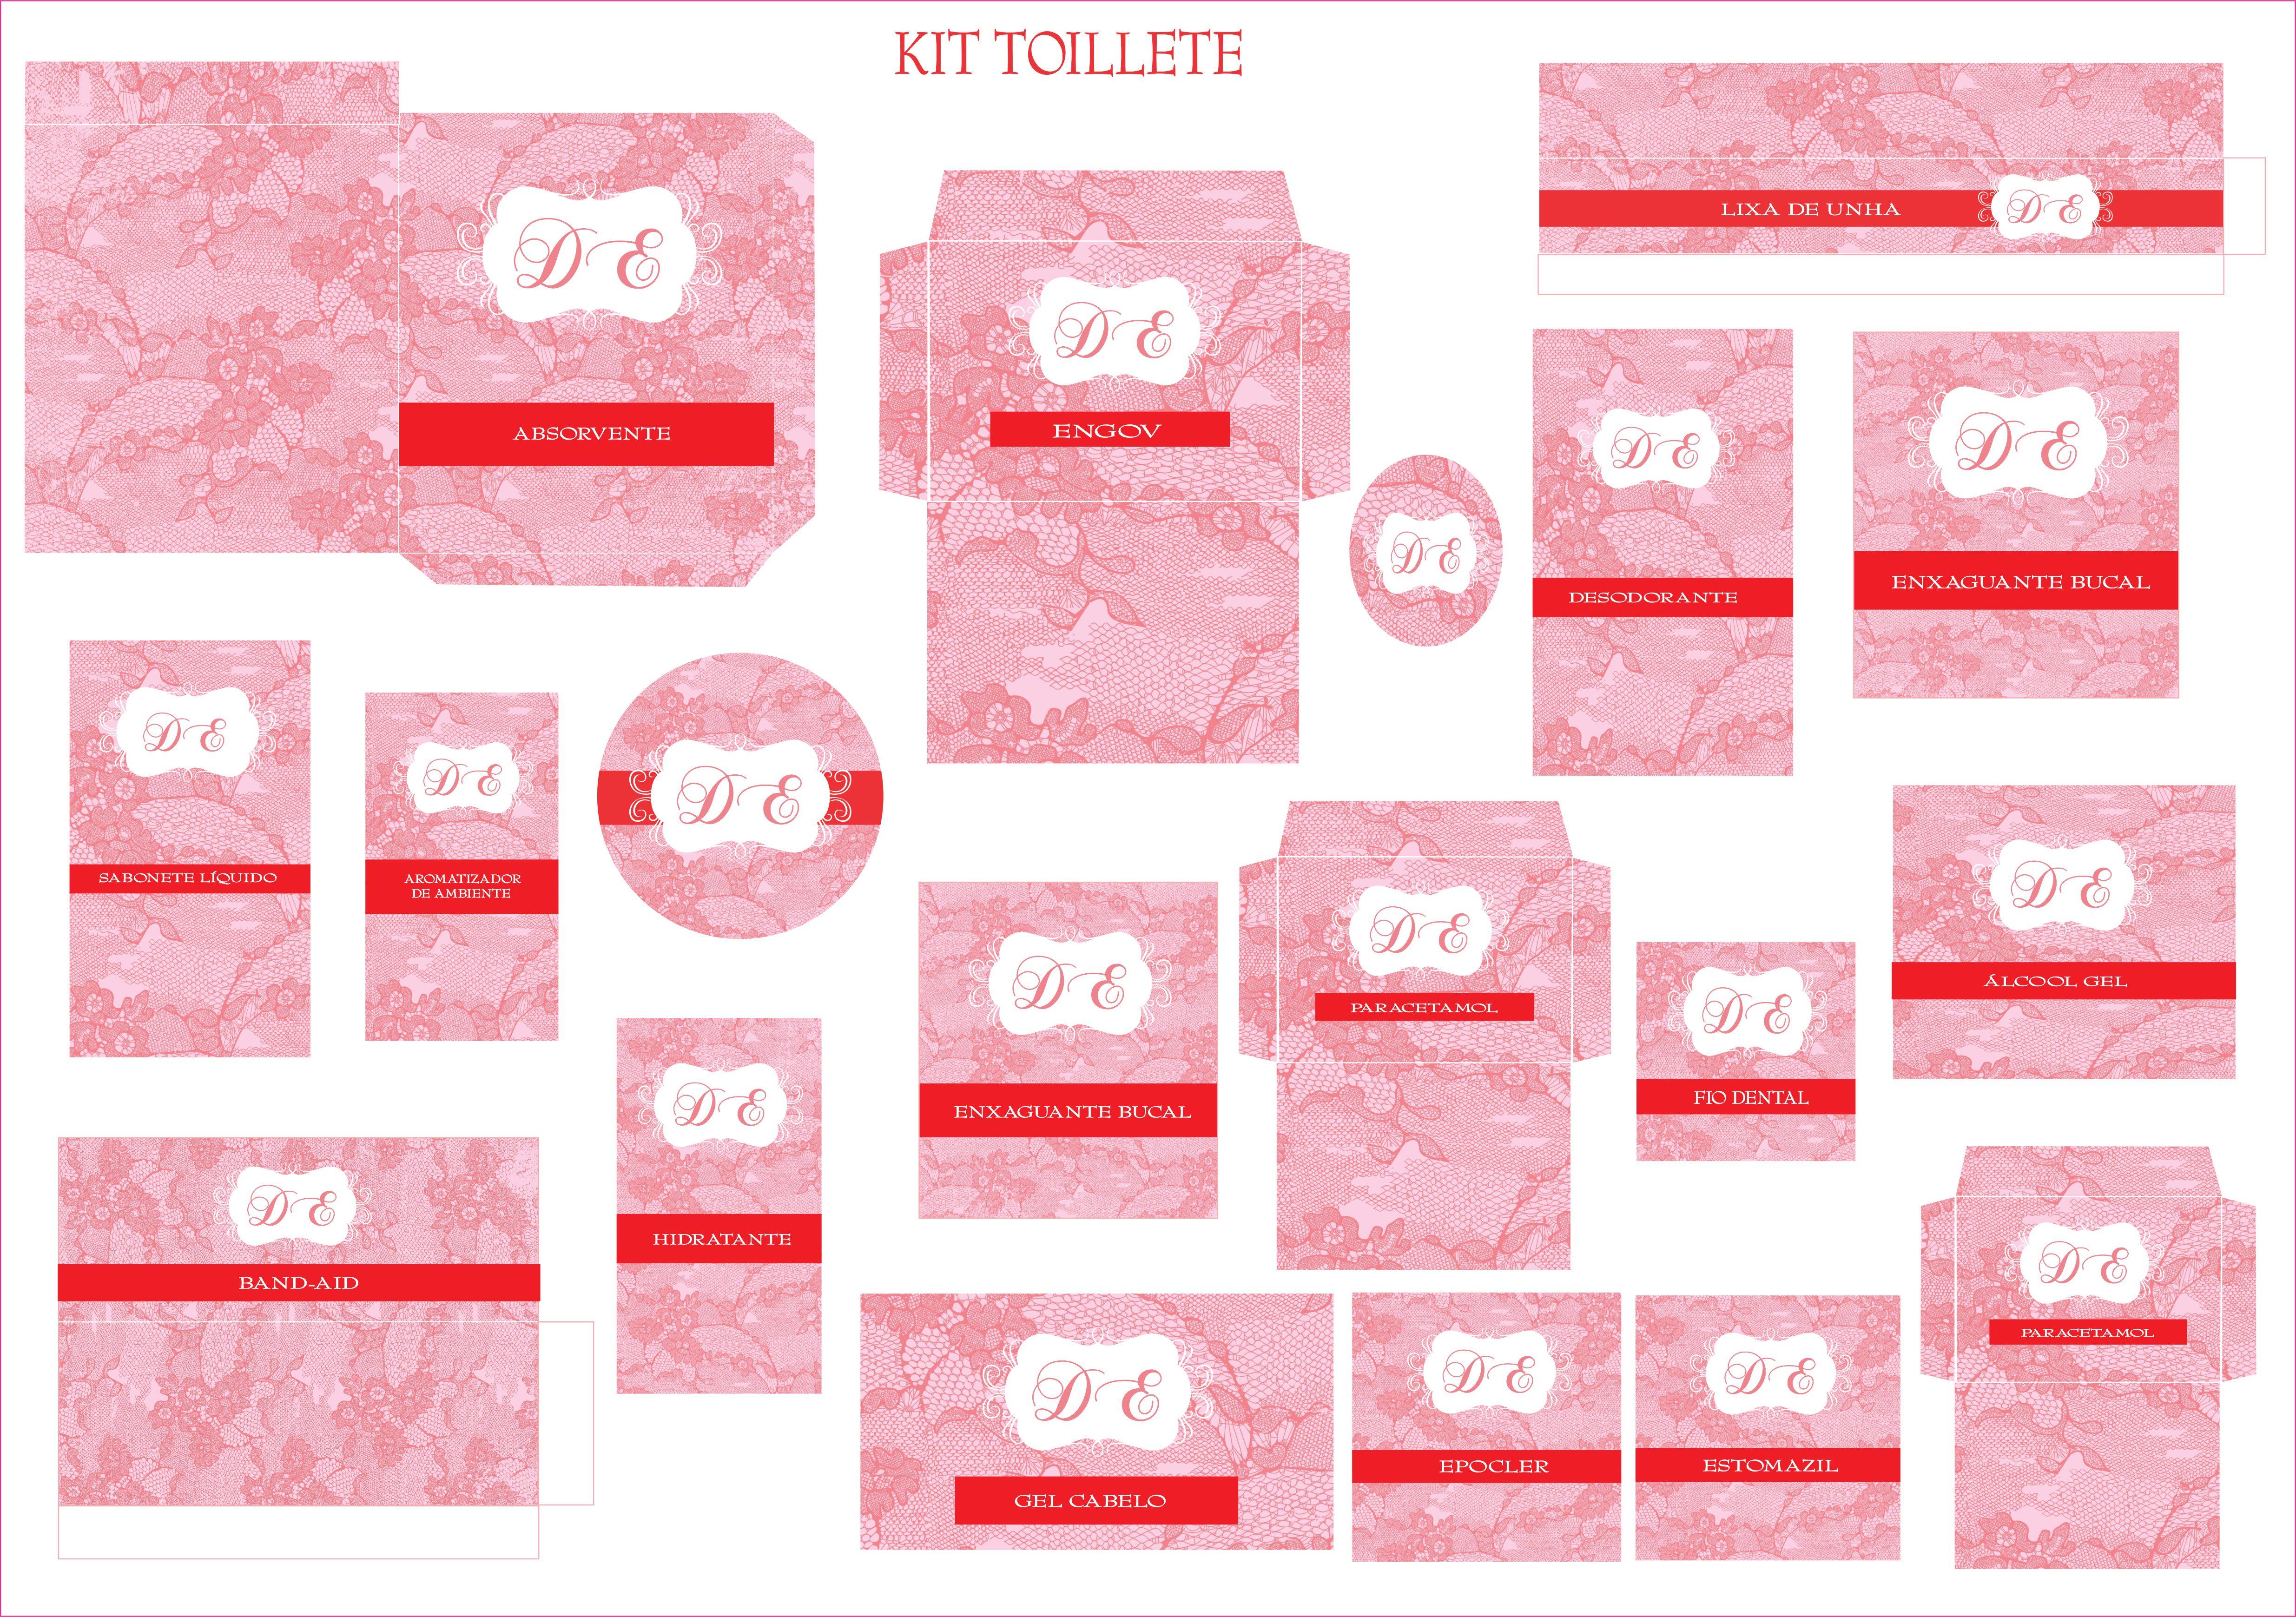 Kit Toilete Personalizado Ateliê Melana Elo7 #BC0F17 4940 3479